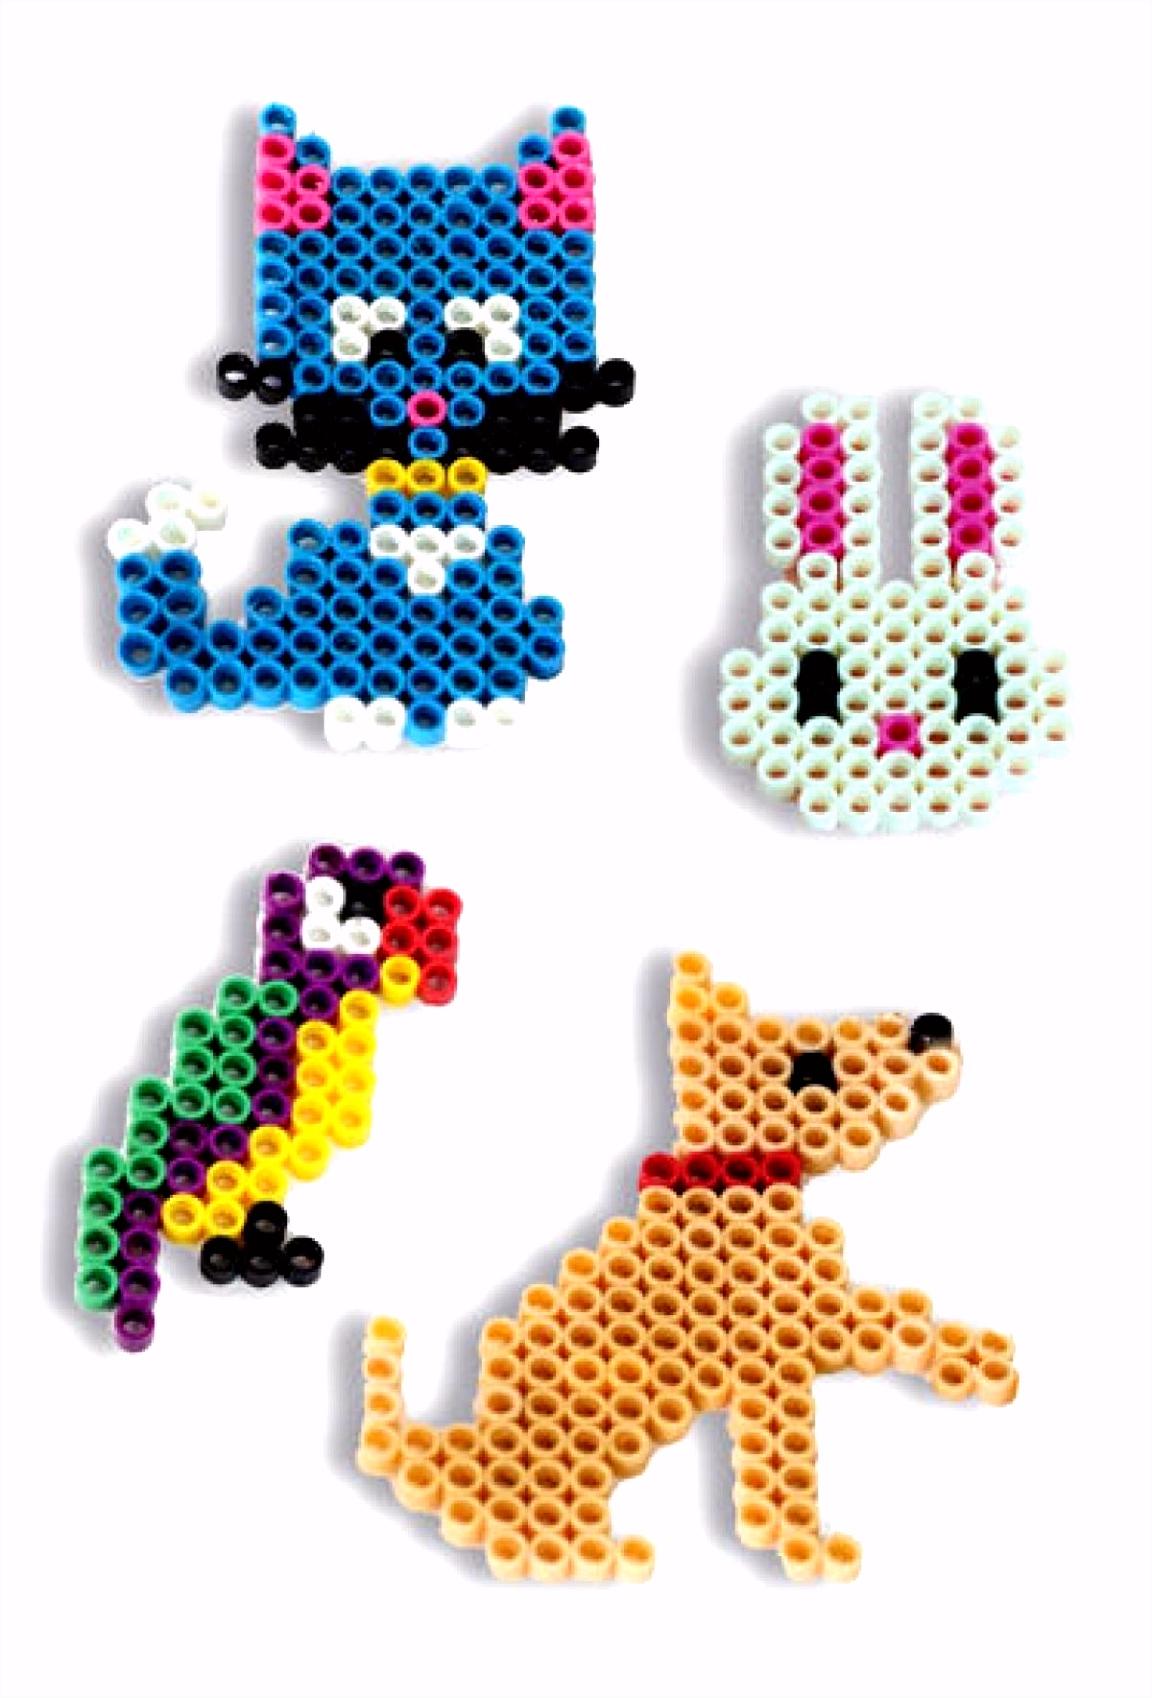 Preissturz eZee Beads Steckperlen Tiere mit 4 Vorlagen 400